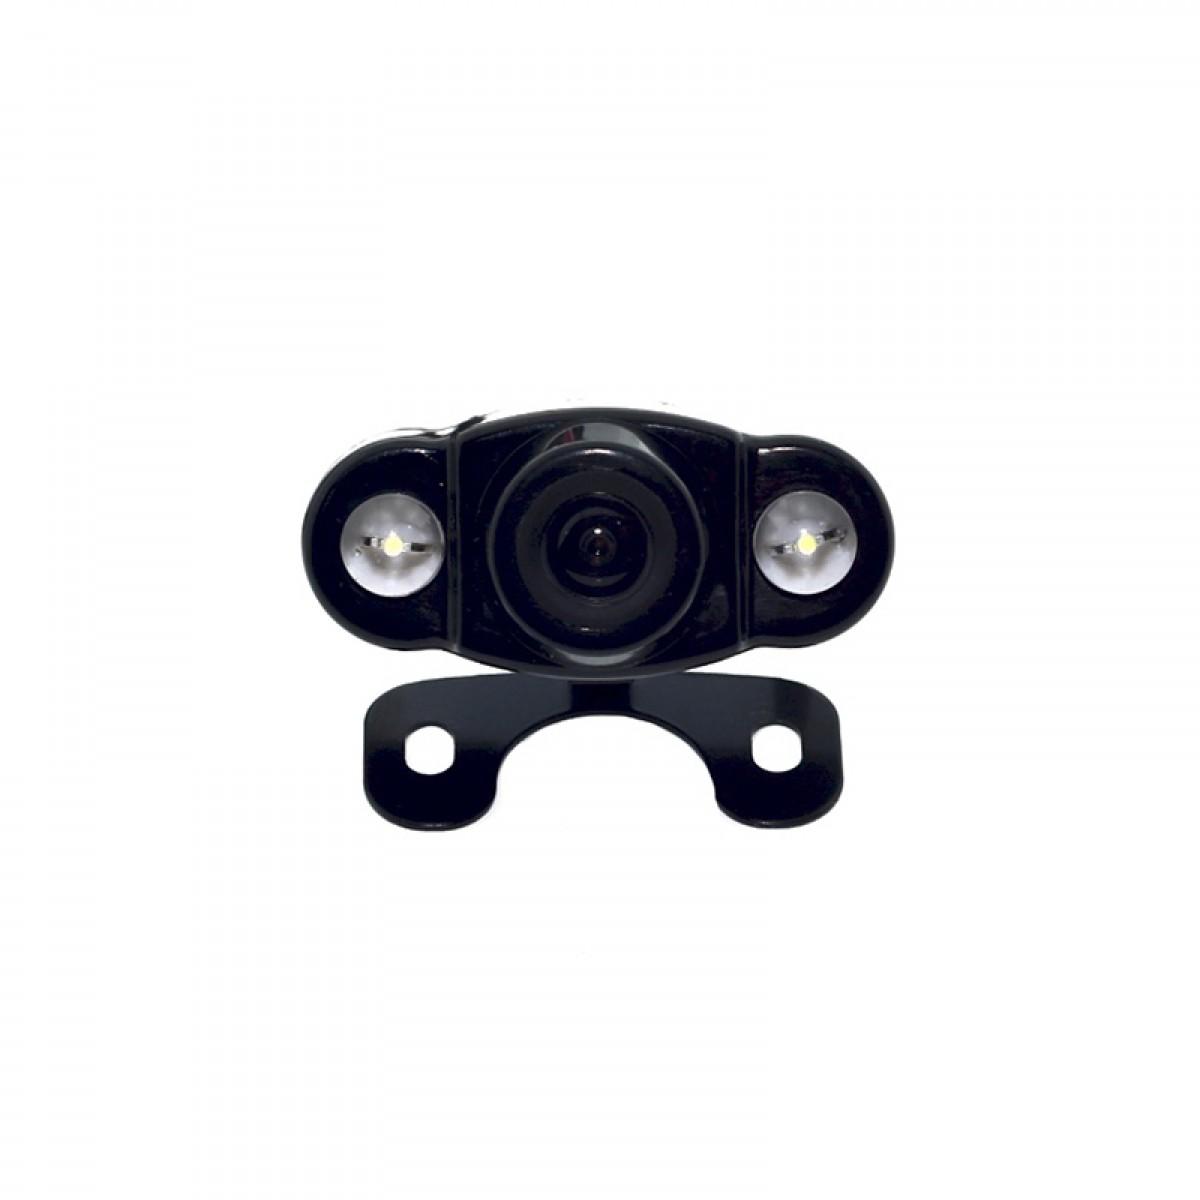 Έγχρωμη Κάμερα Οπισθοπορείας 170° Με Νυχτερινή Λήψη